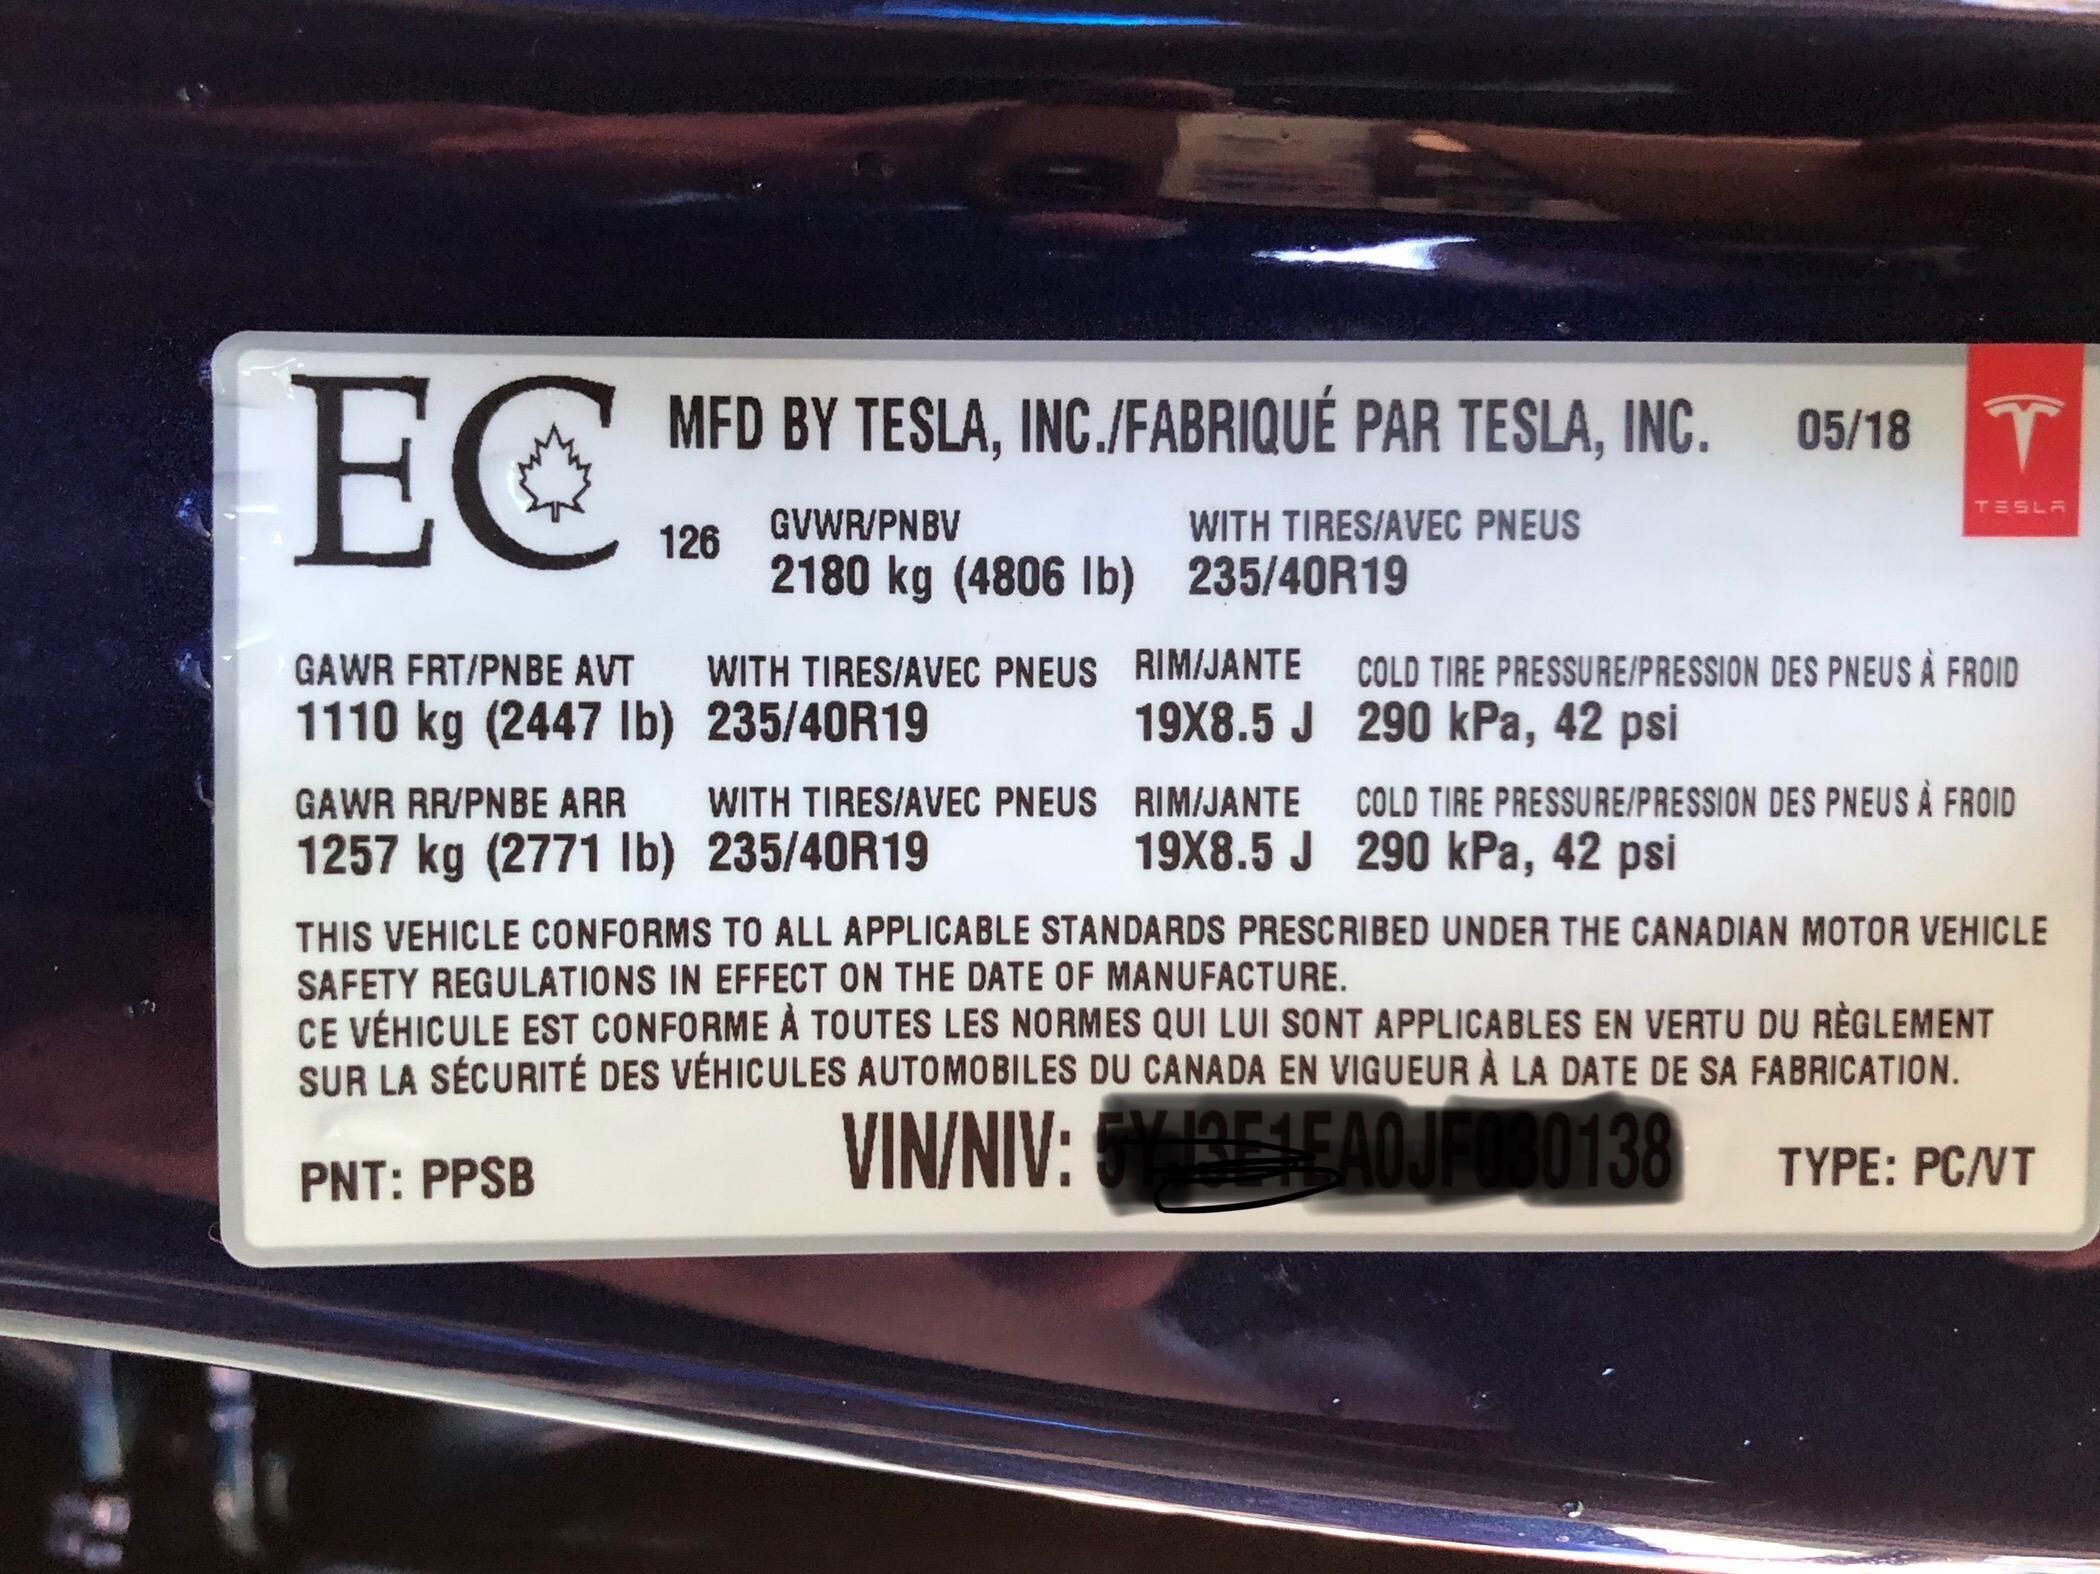 Model 3 Blátönn specs